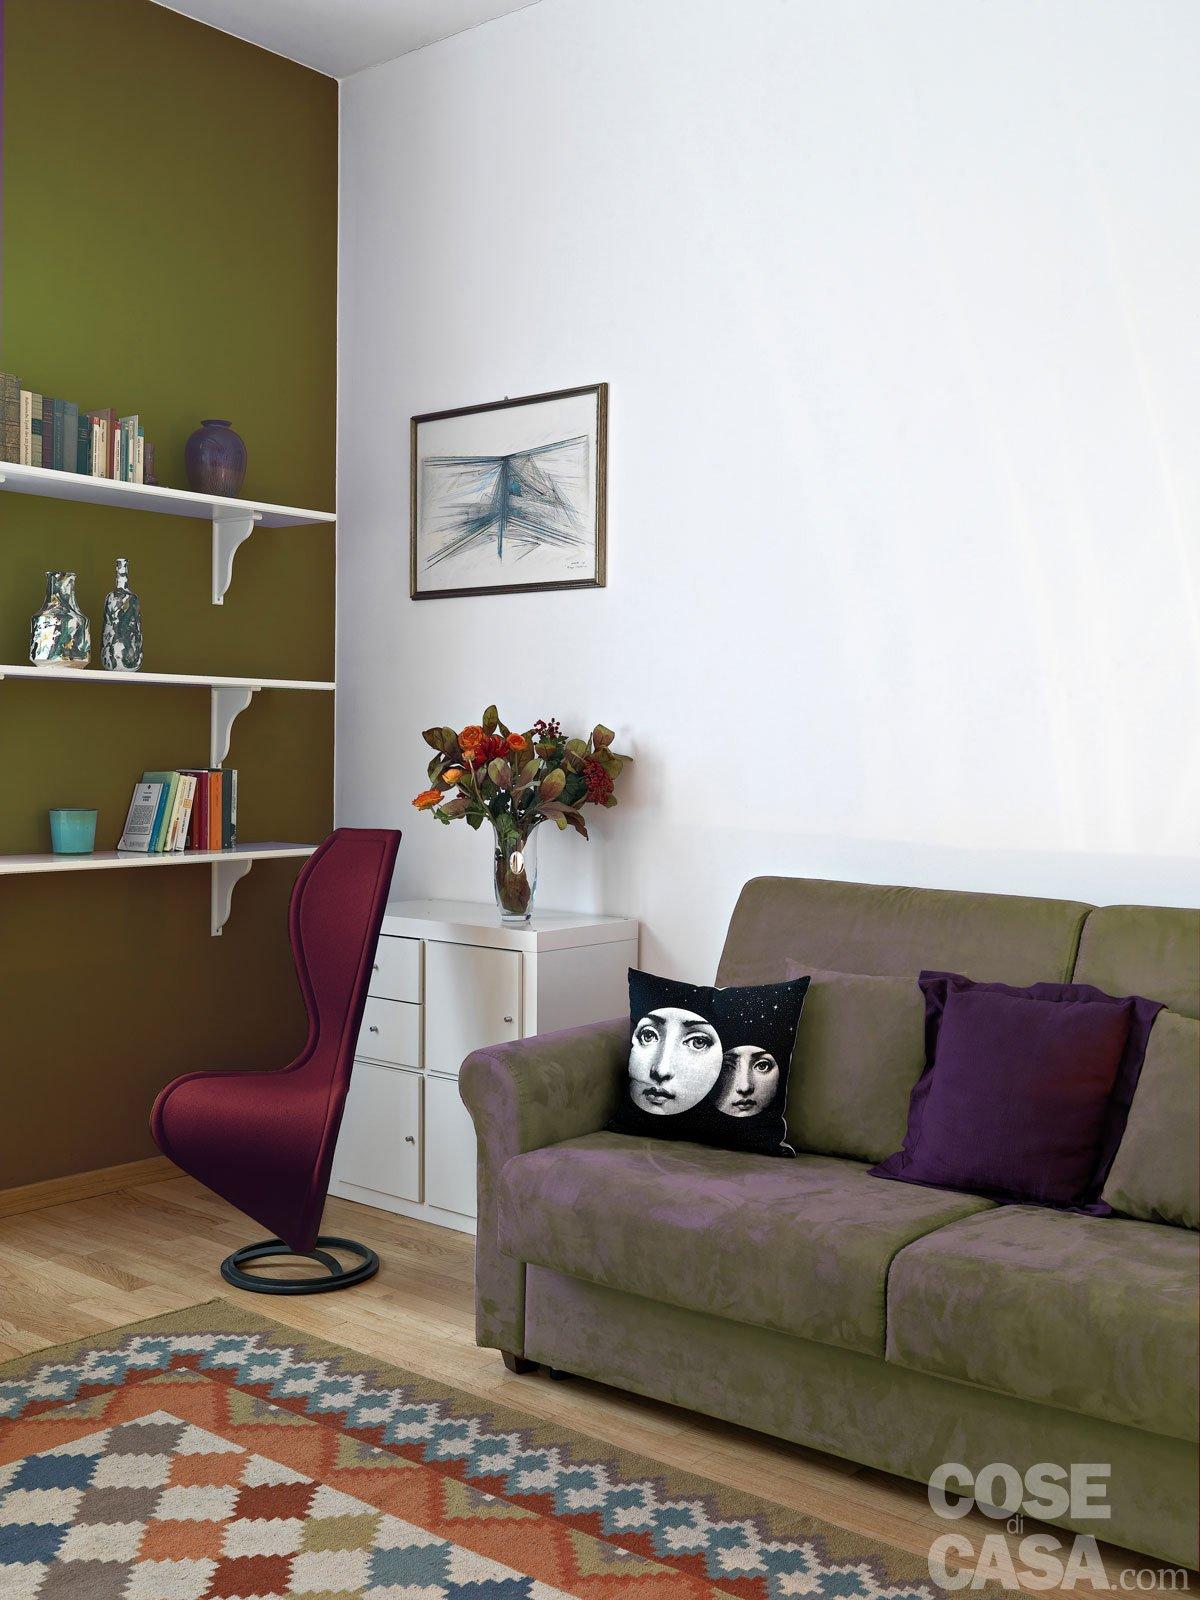 Pitturare le pareti i trucchi che ingannano l occhio cose di casa - Camera da letto verde mela ...